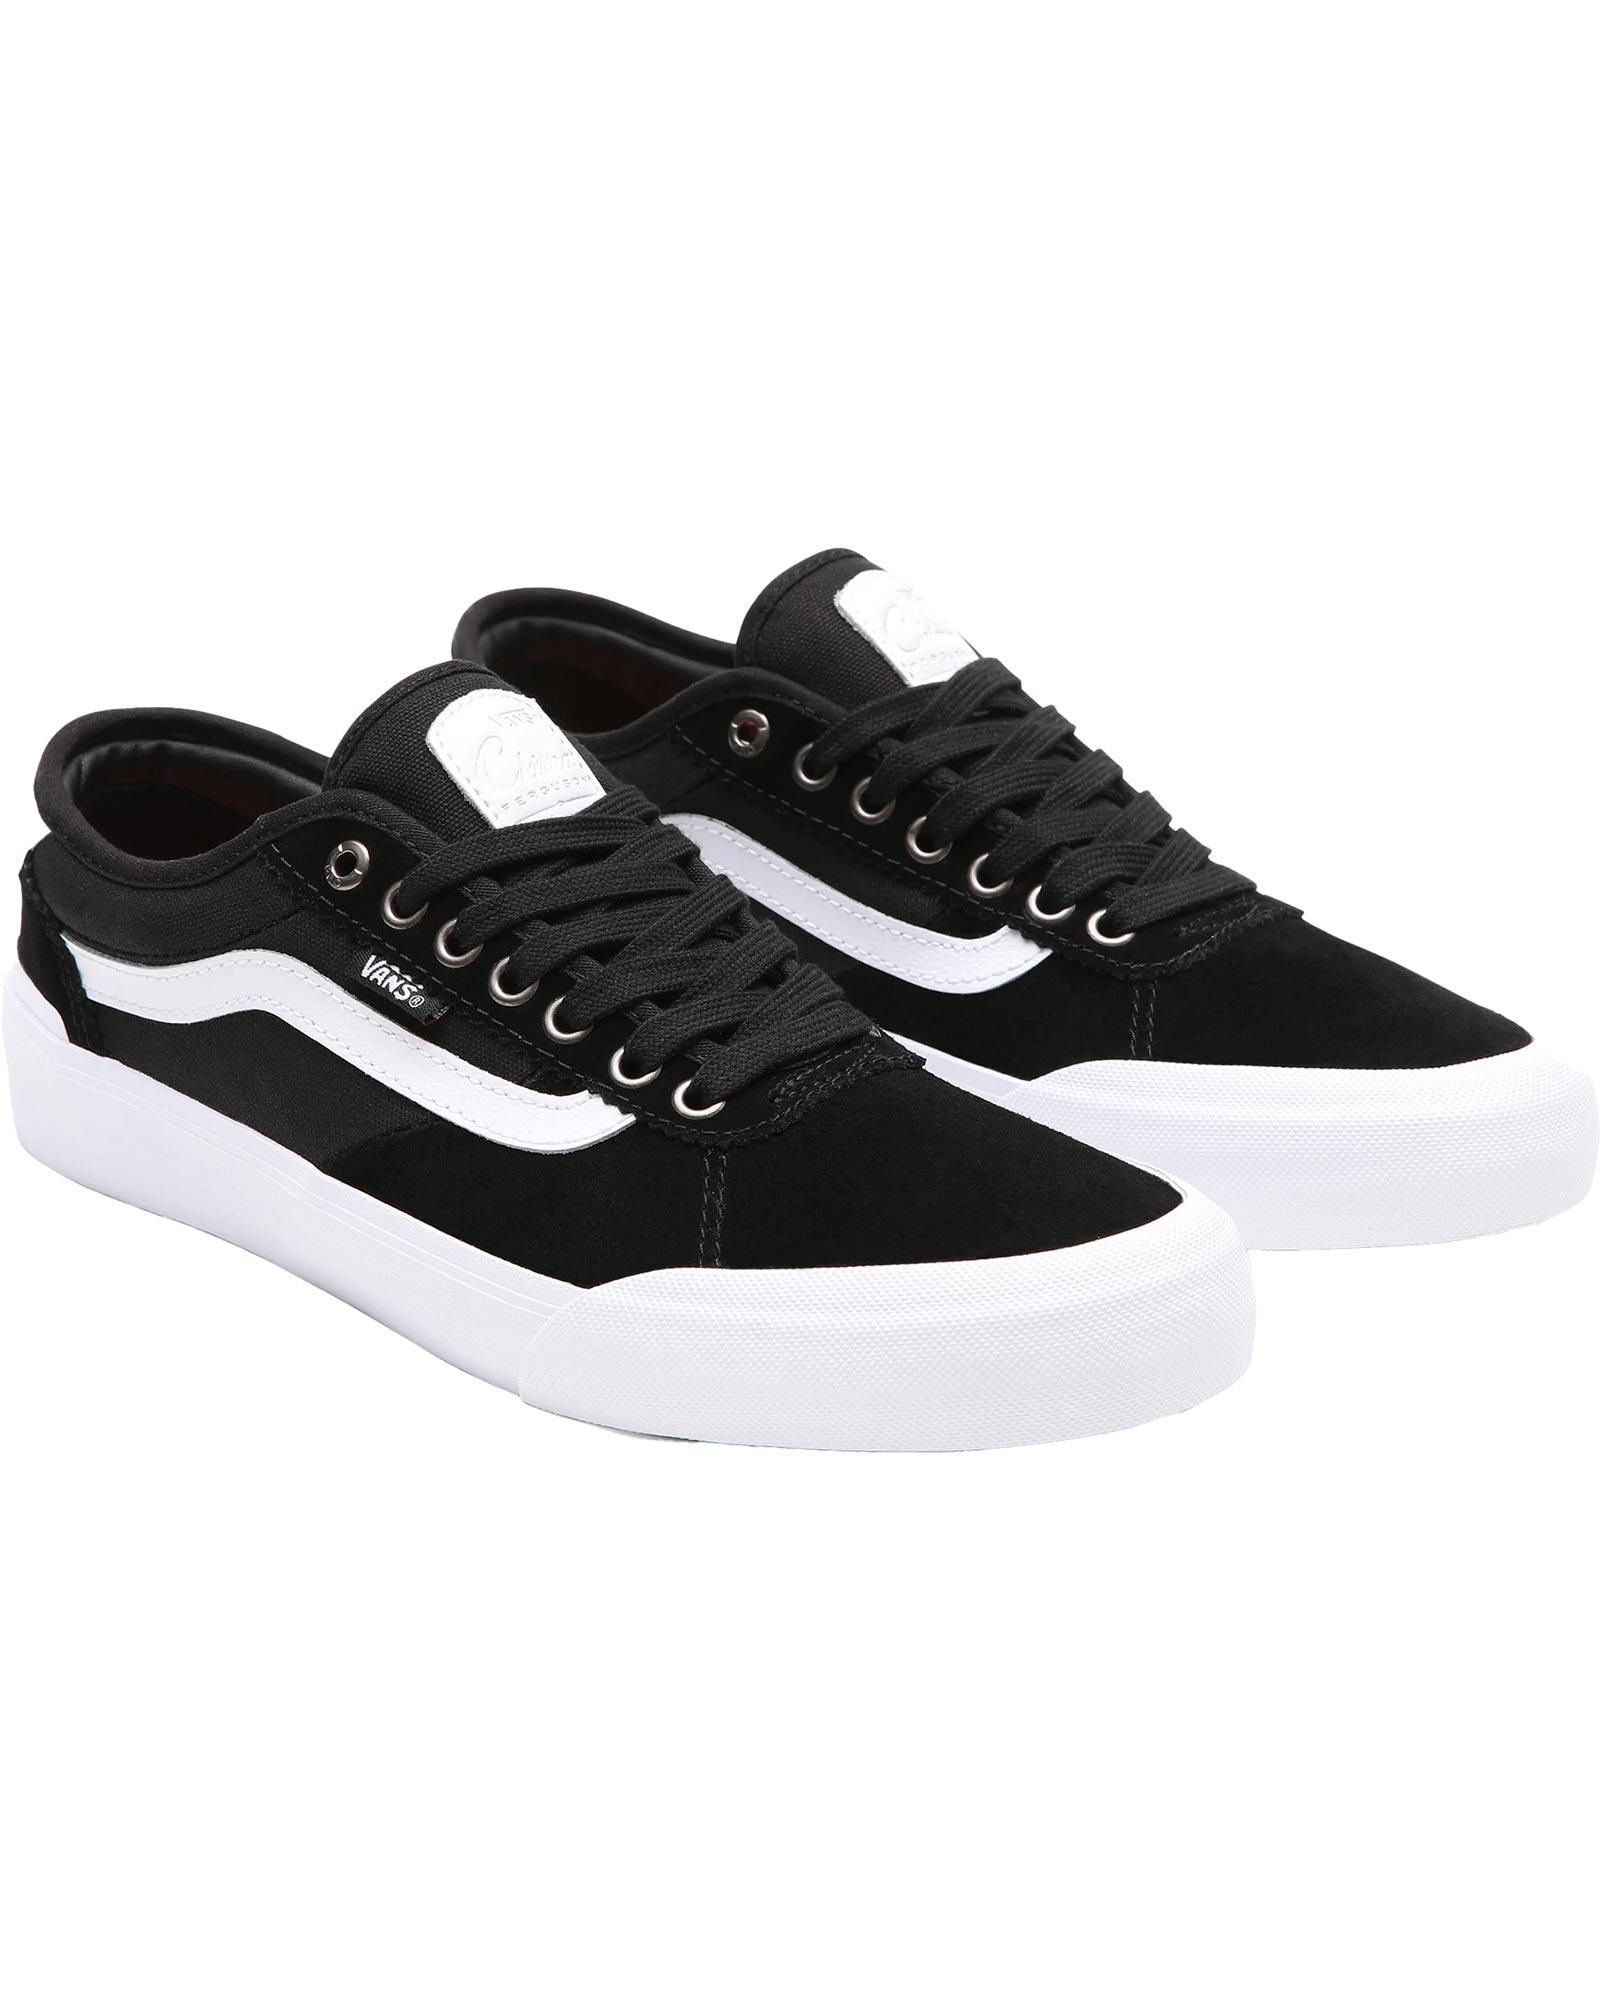 Vans Chima PRO 2 Shoes 0